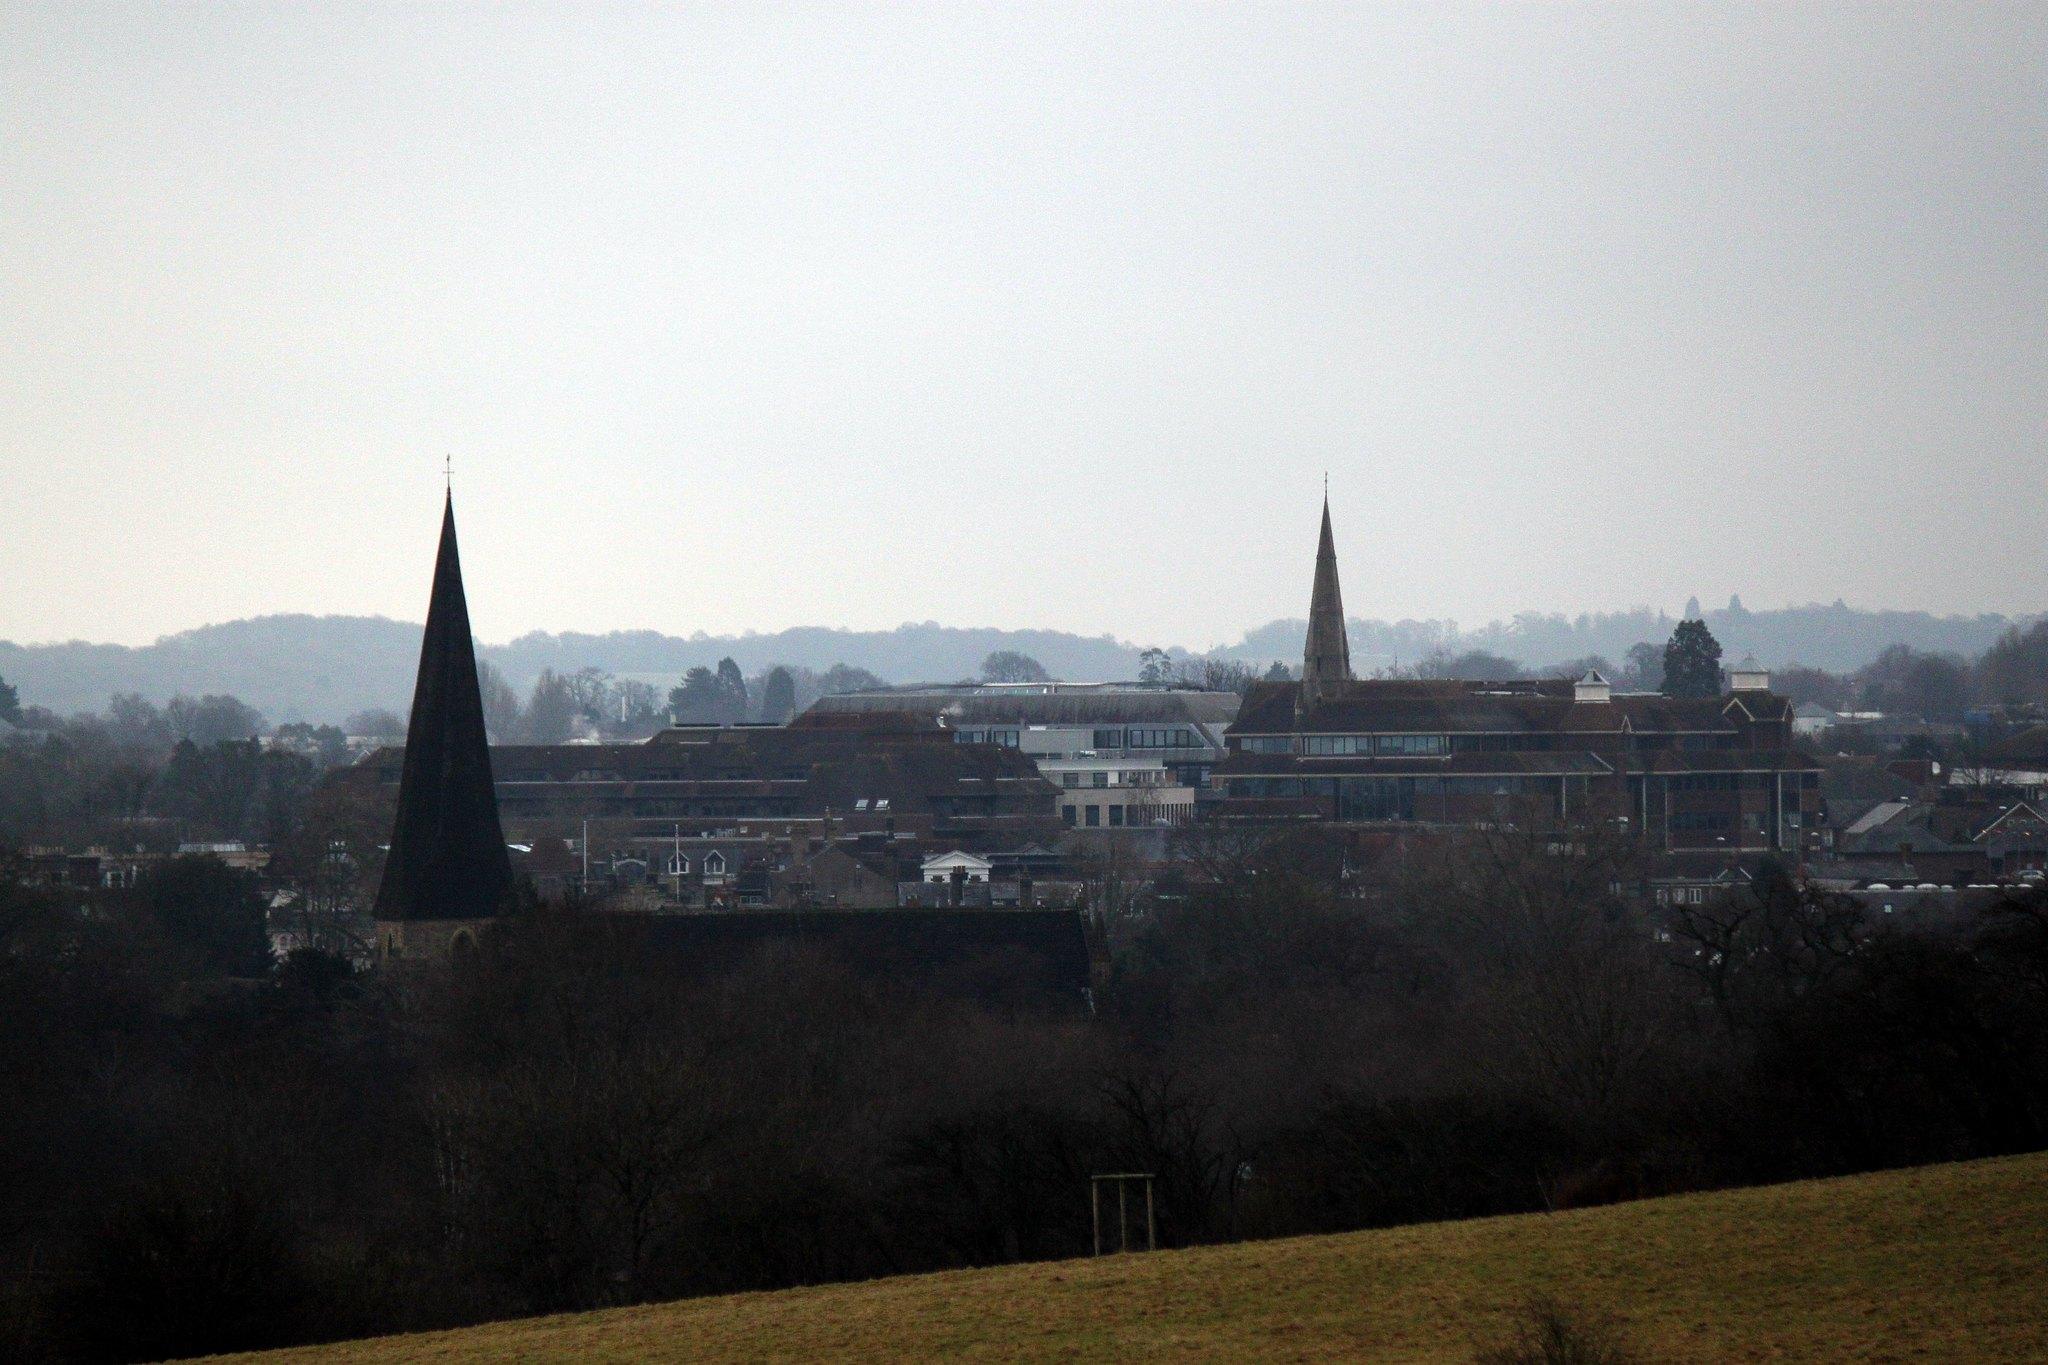 View over Horsham